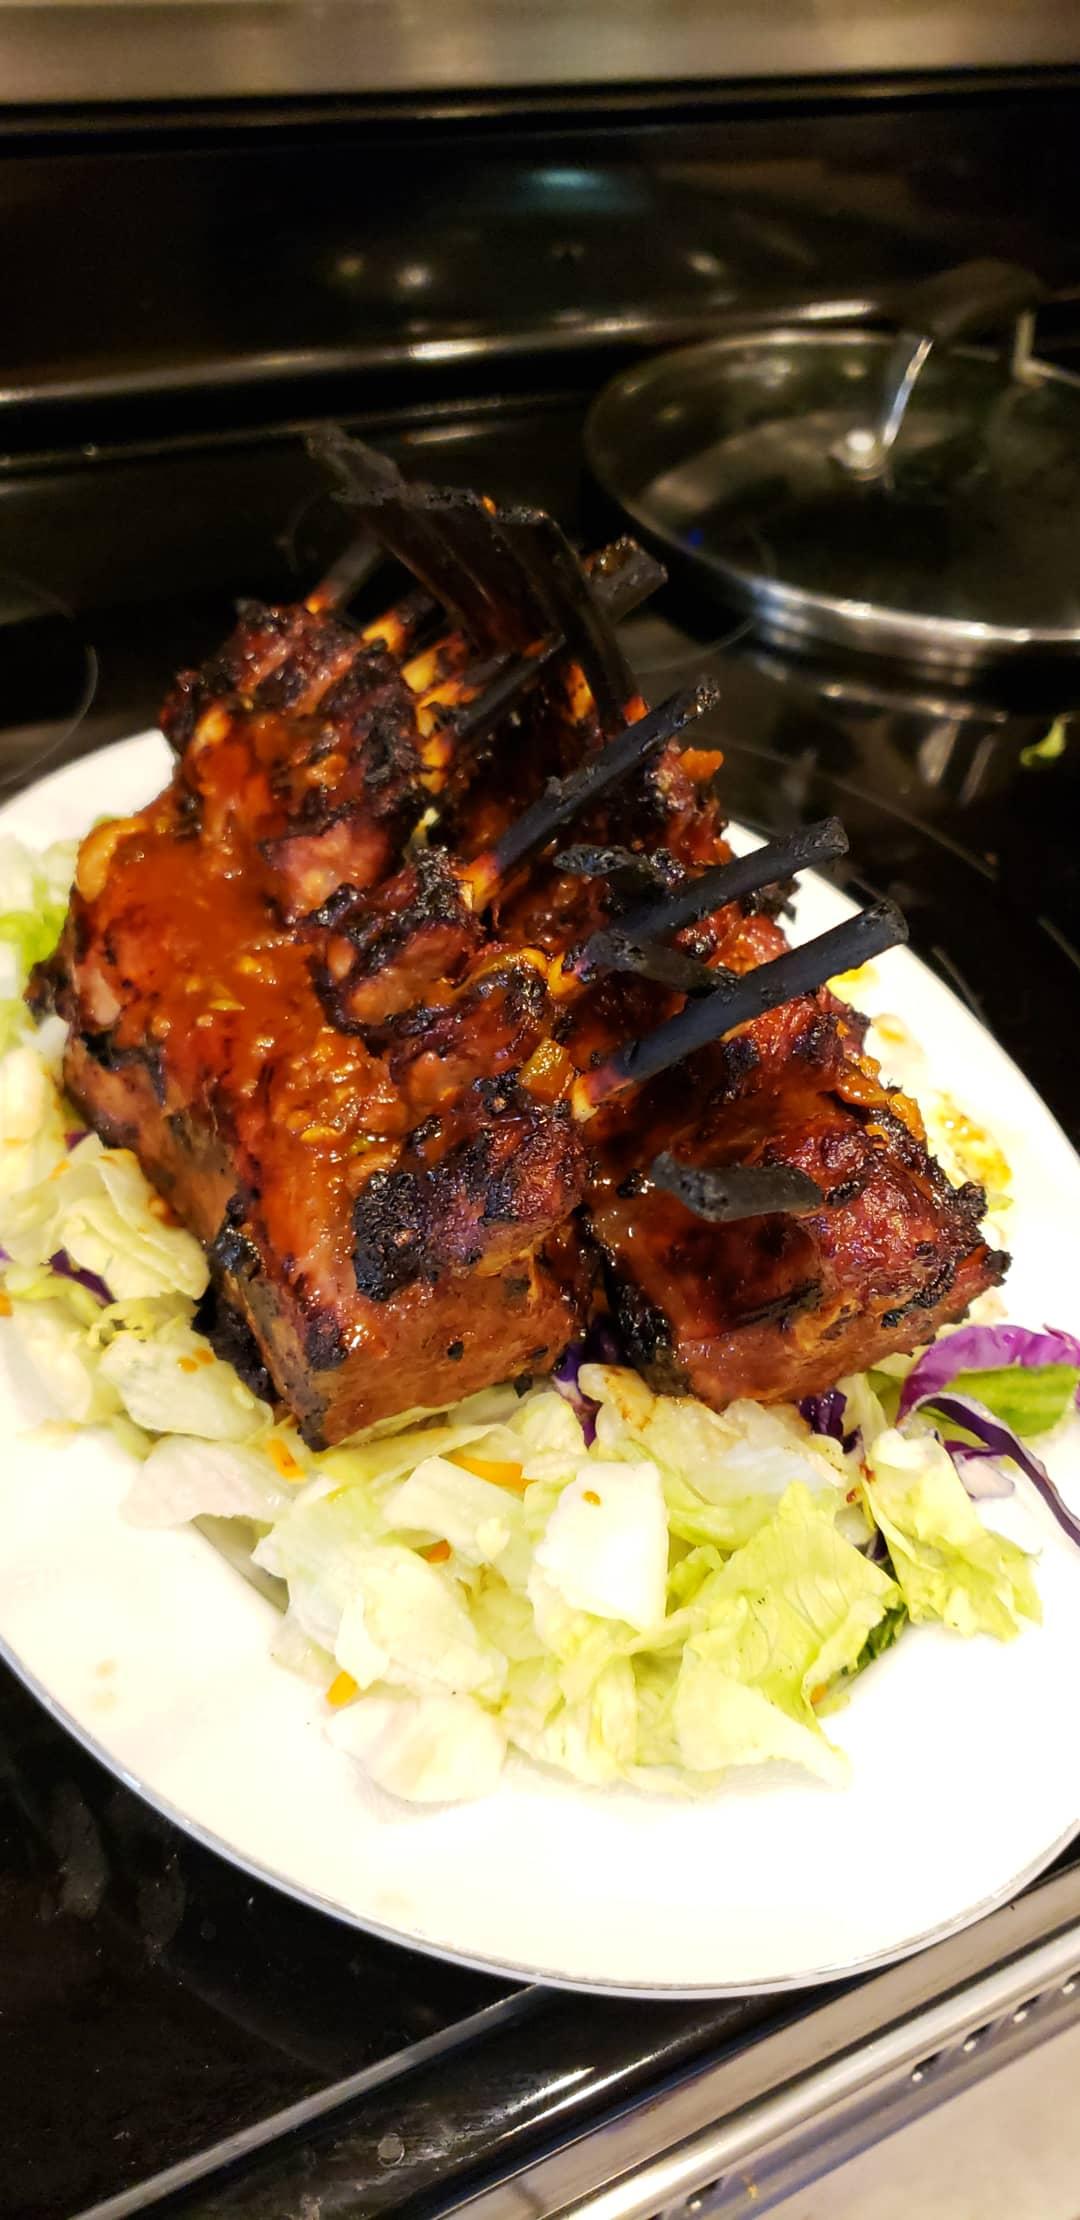 Korean Barbecued Rack of Lamb Panat Do